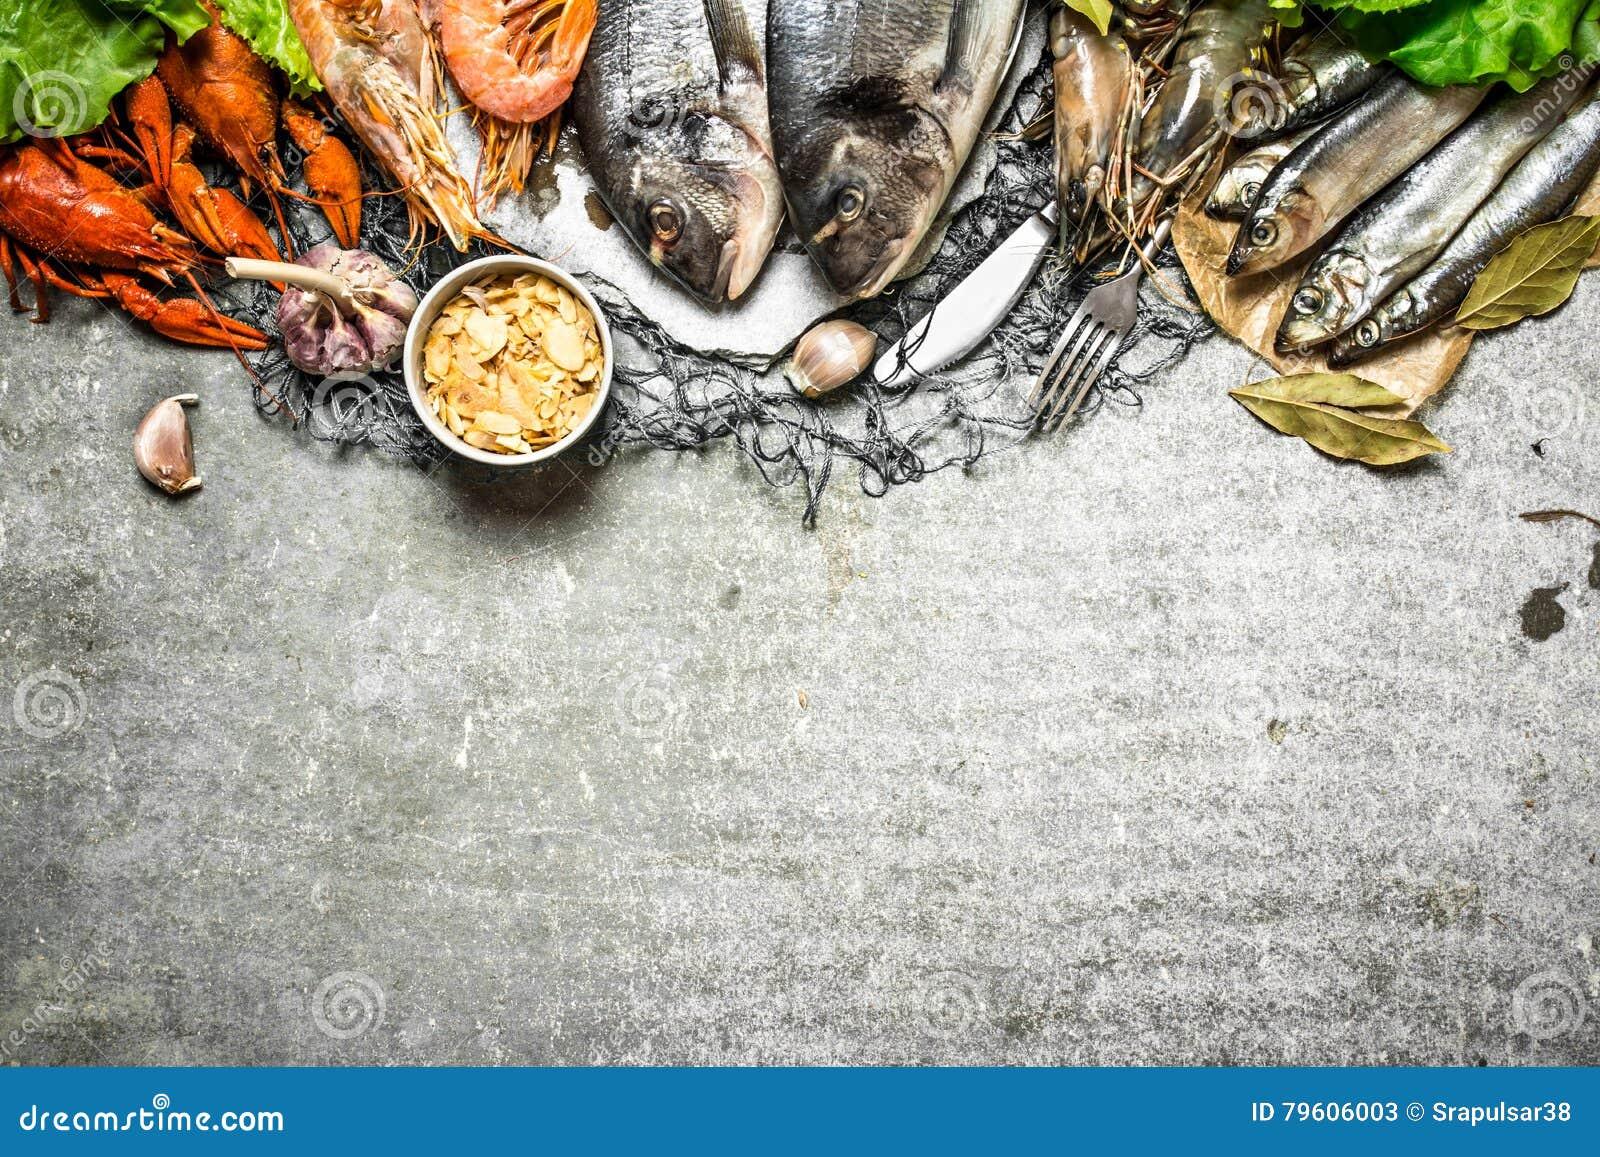 Marisco sortido e camarão picante na rede de pesca